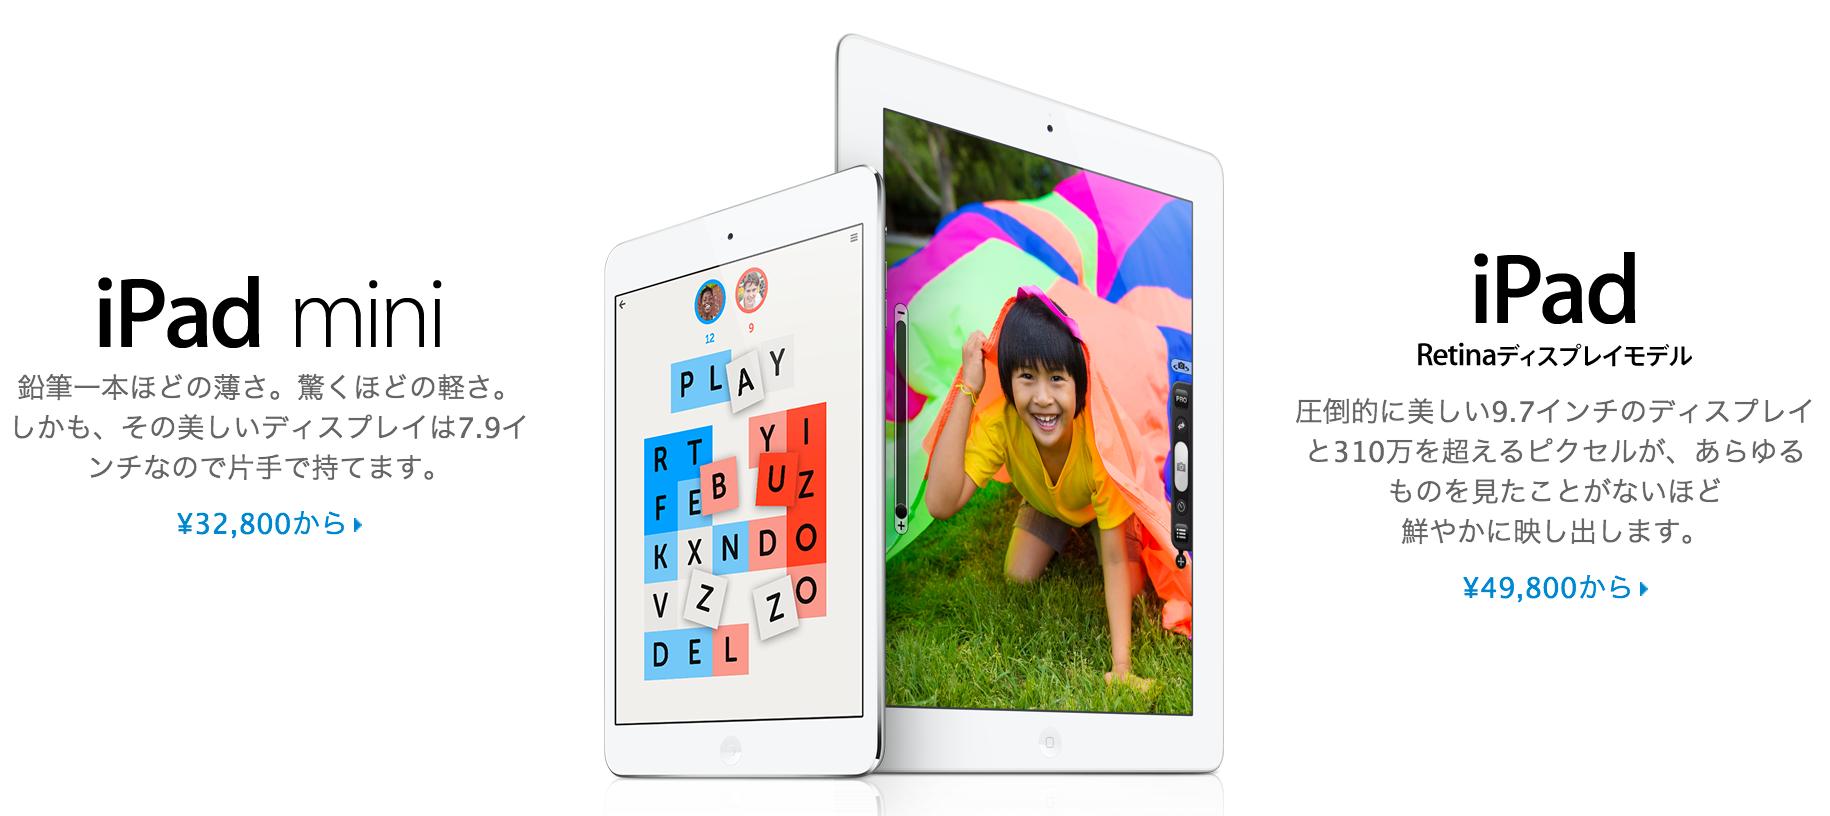 Apple、円安でiPadとiPodを値上げー最大で1万6000円の値上げも